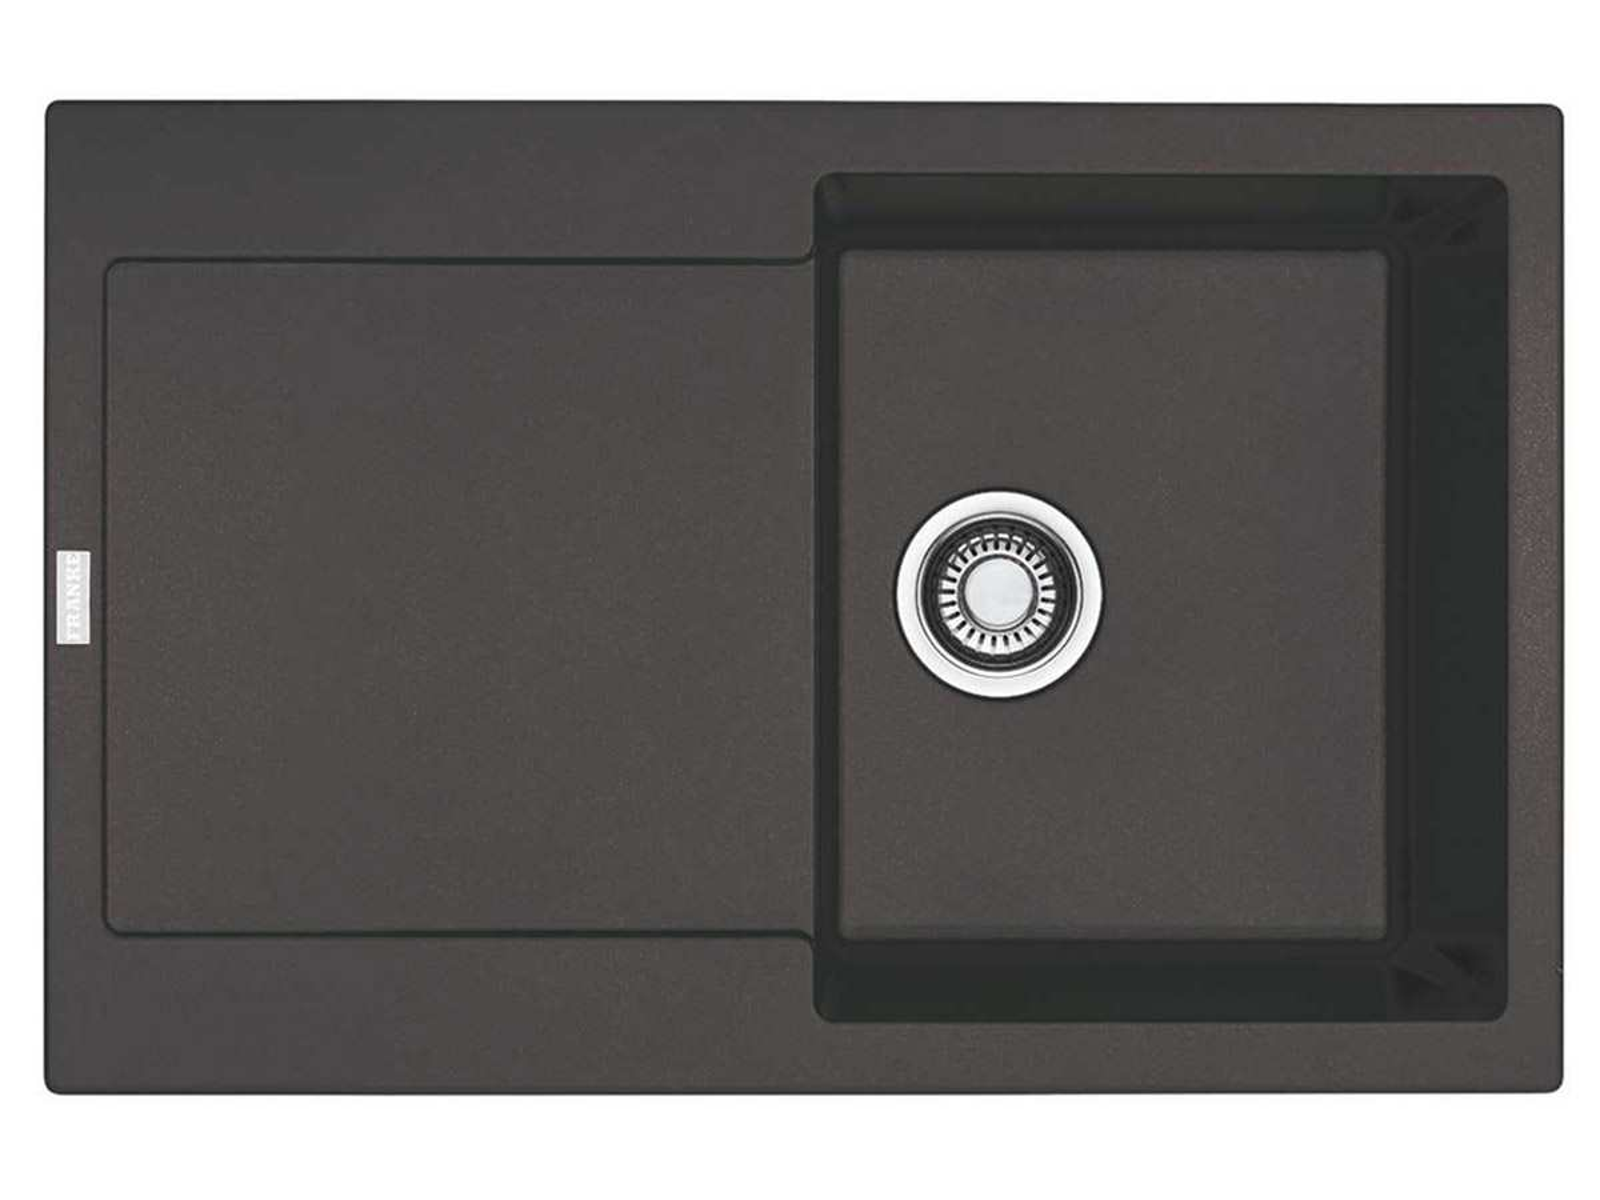 franke maris mrg 611 graphit granitsp le druckknopfventil. Black Bedroom Furniture Sets. Home Design Ideas